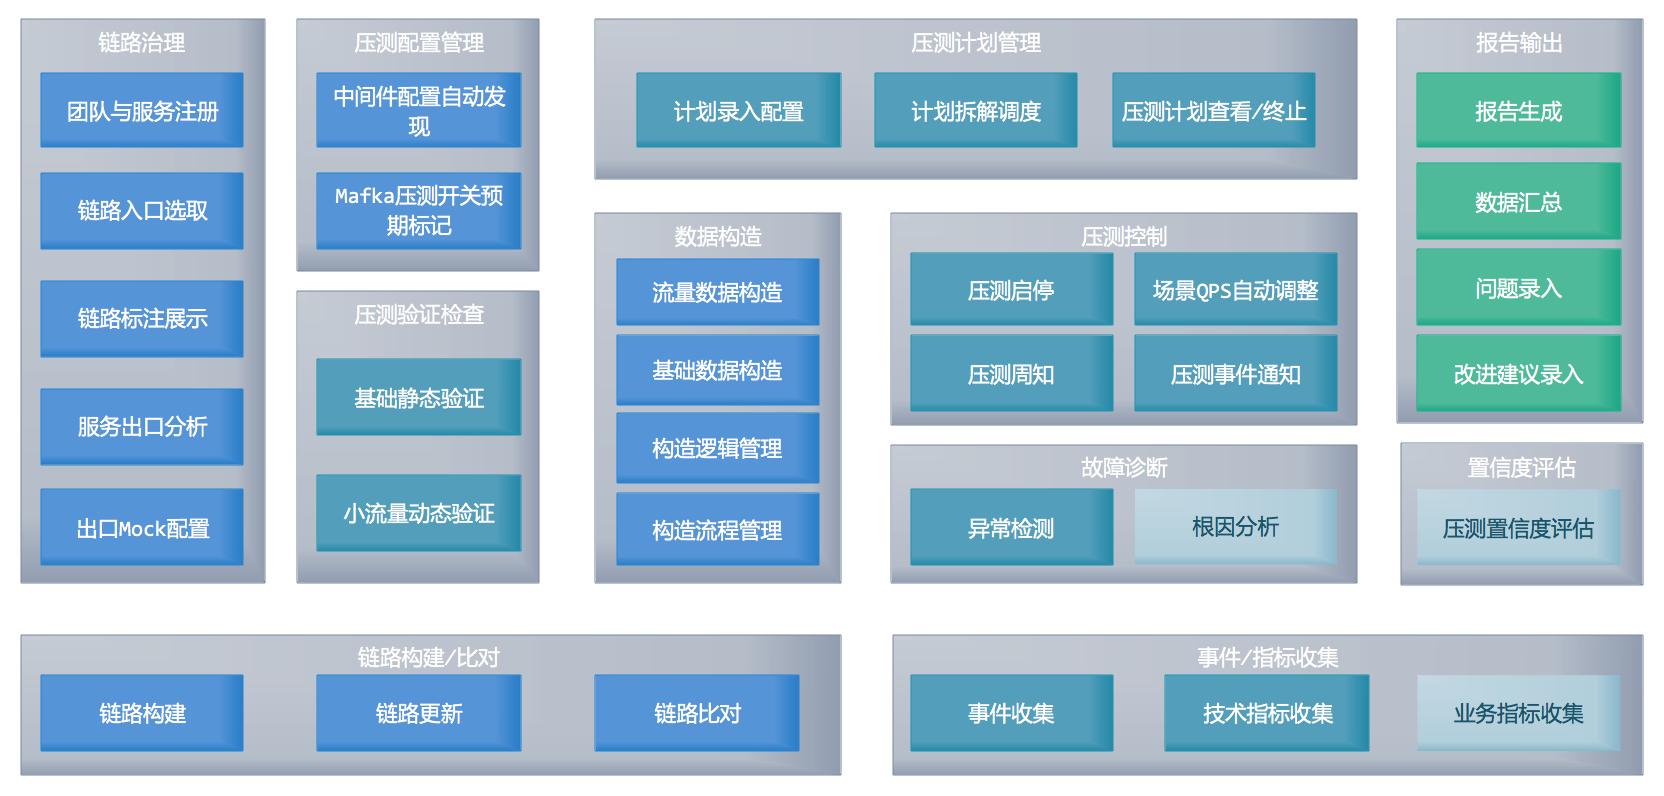 图3 系统总体逻辑架构